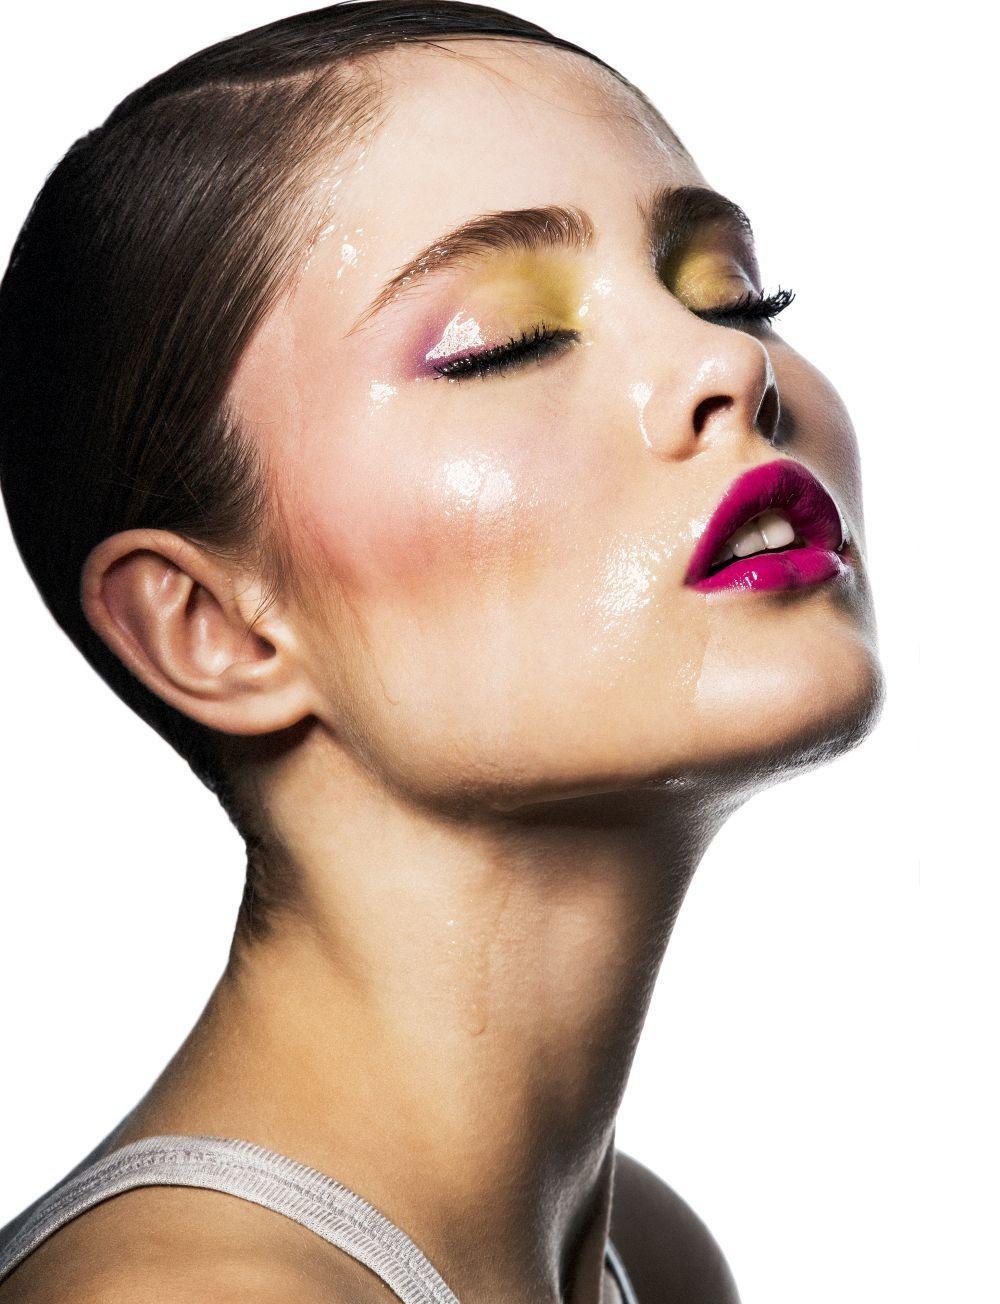 Bloquear la humedad de la piel no es la mejor solución para mantenerla hidratada.